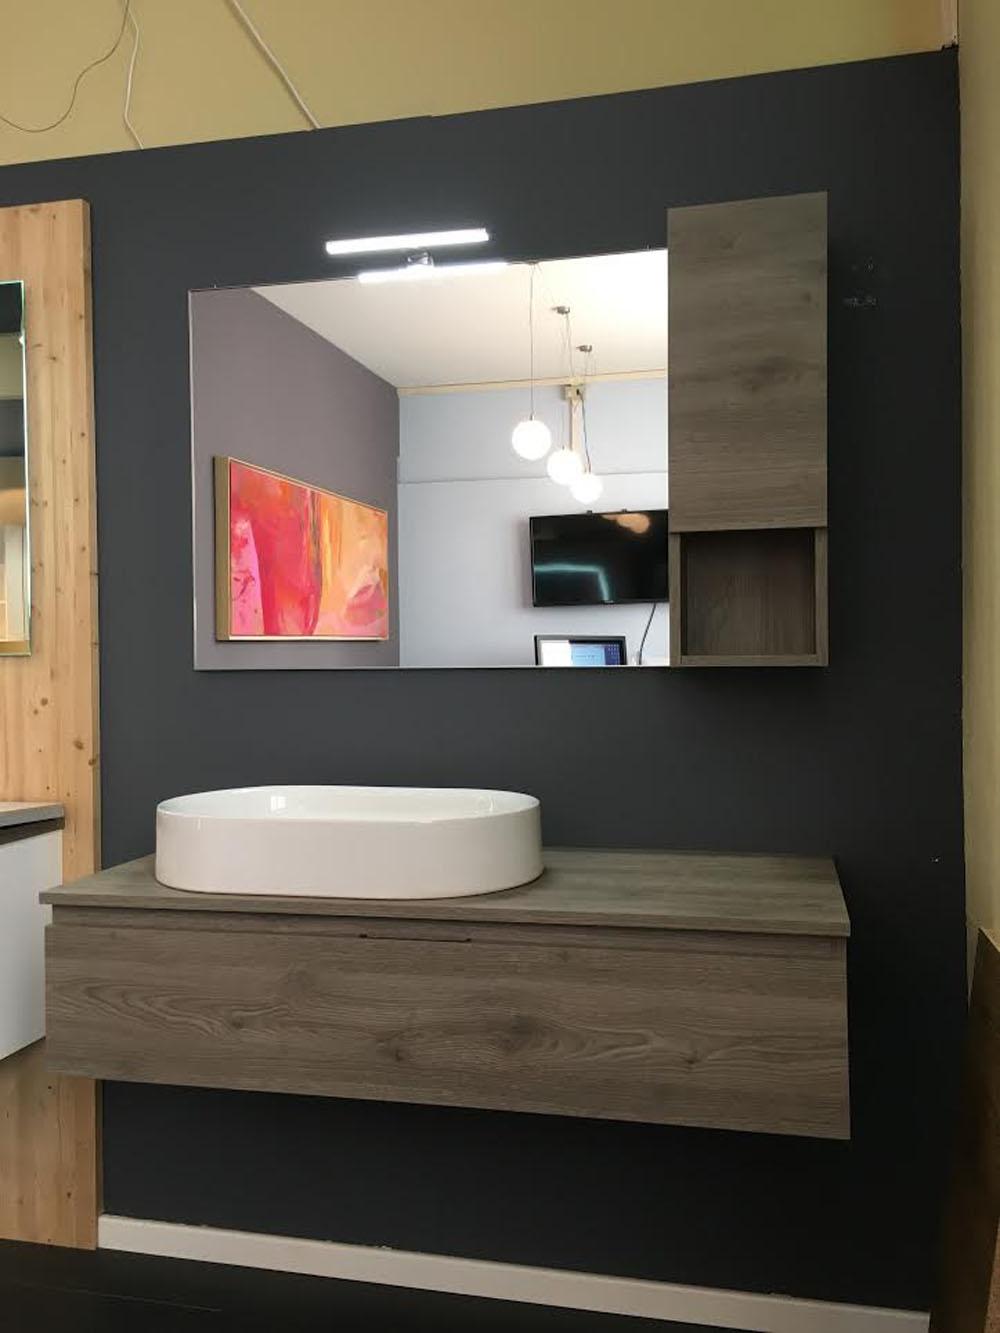 Mobile bagno moderno arteba scontato del 51 arredo - Mobile bagno moderno economico ...